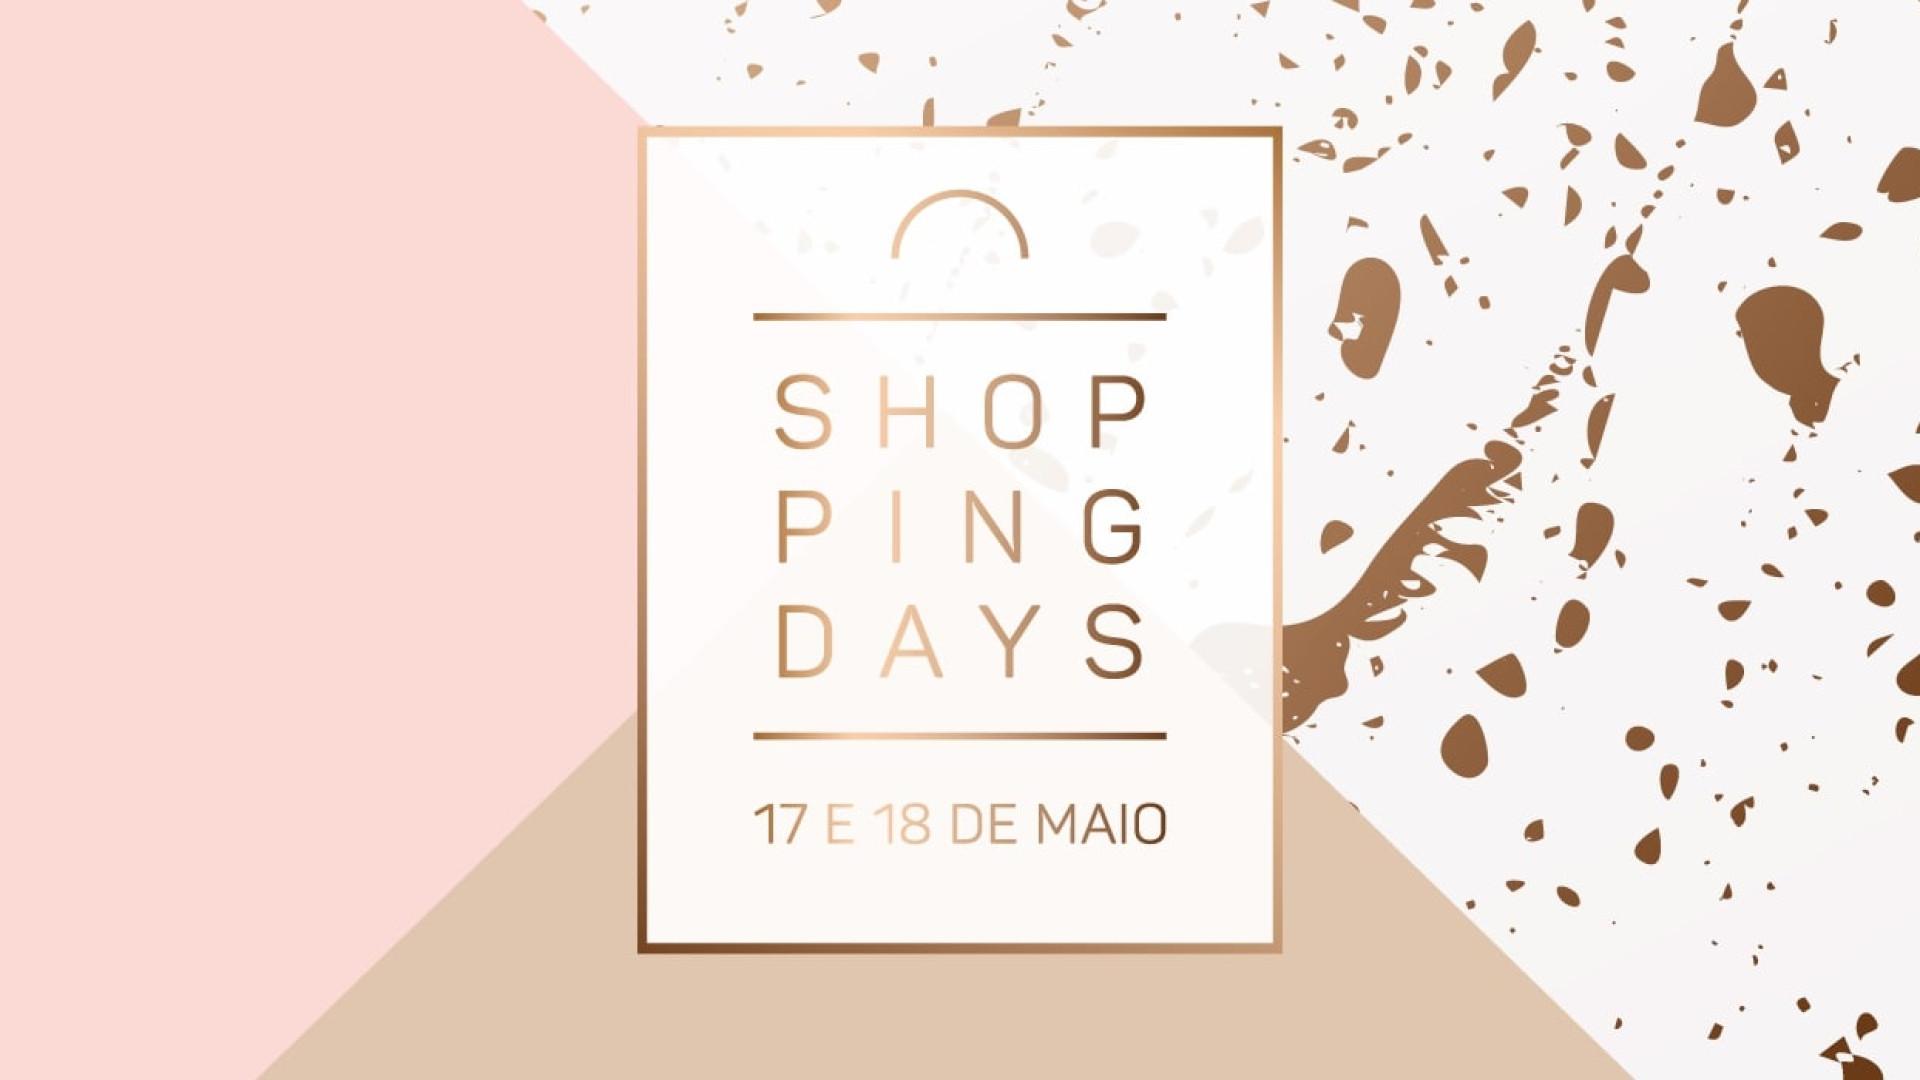 Bárbara Inês dá conselhos de moda no Nosso Shopping Day